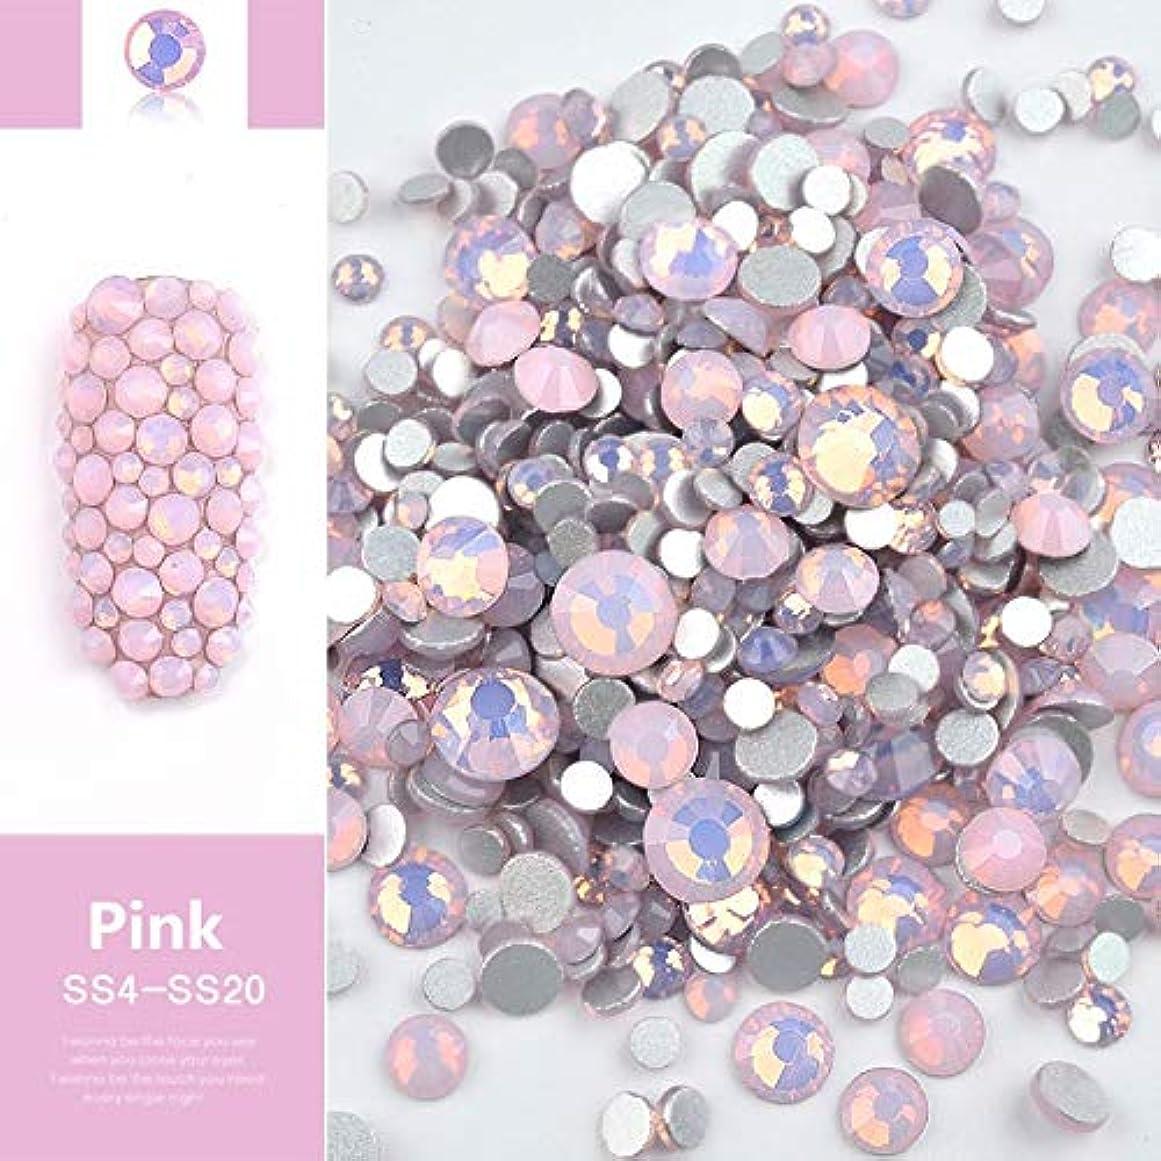 方法推測広告するALEXBIAN ビーズ樹脂クリスタルラウンドネイルアートミックスフラットバックアクリルラインストーンミックスサイズ1.5-4.5 mm装飾用ネイル (Color : Pink)